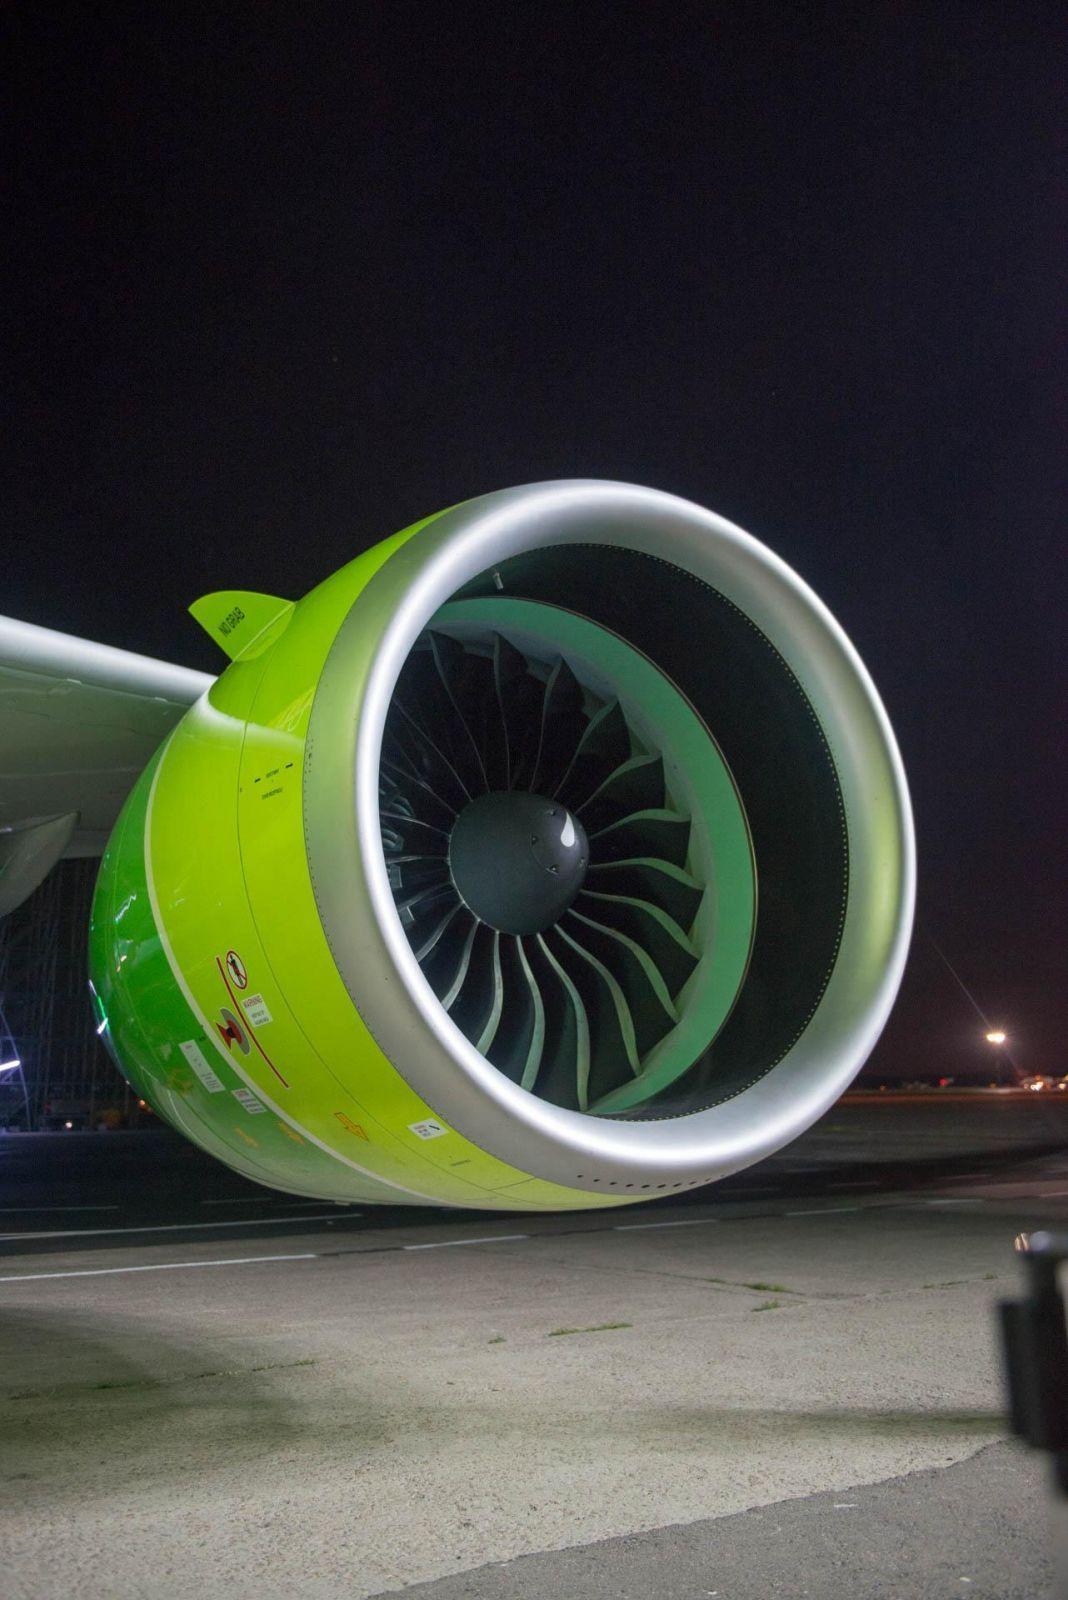 S7 и Airbus представили первый A320neo в России S7 и Airbus представили первый A320neo в России